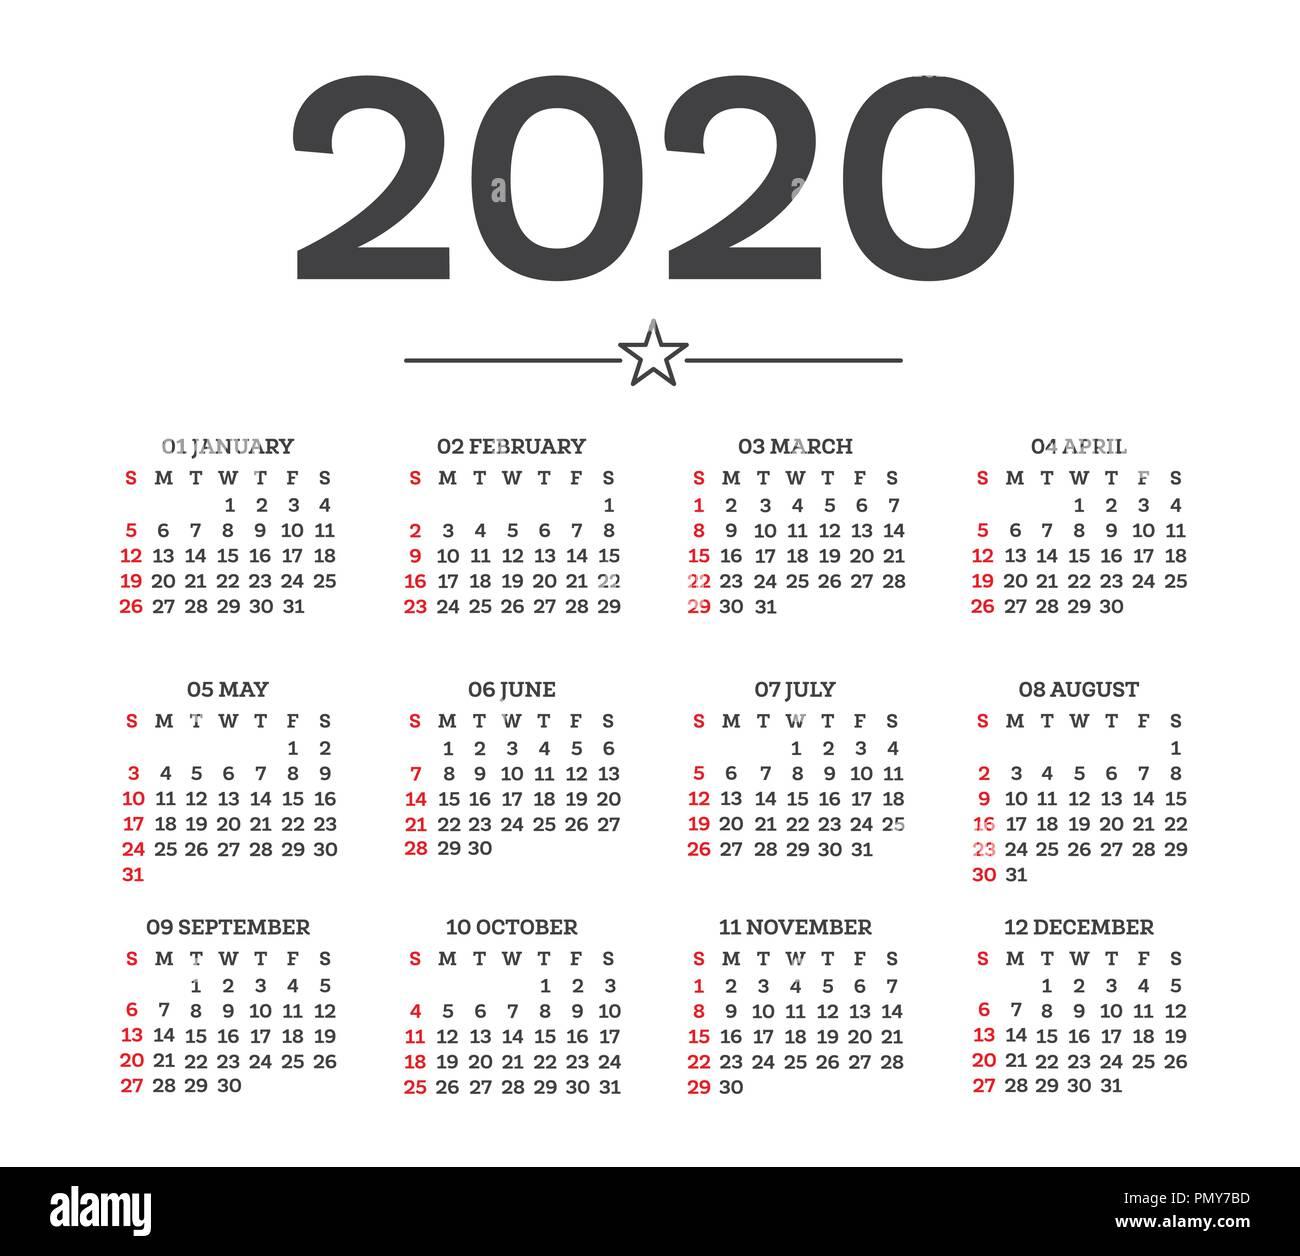 Calendario Por Semanas 2020.Calendario 2020 Aislado Sobre Fondo Blanco La Semana Comienza En